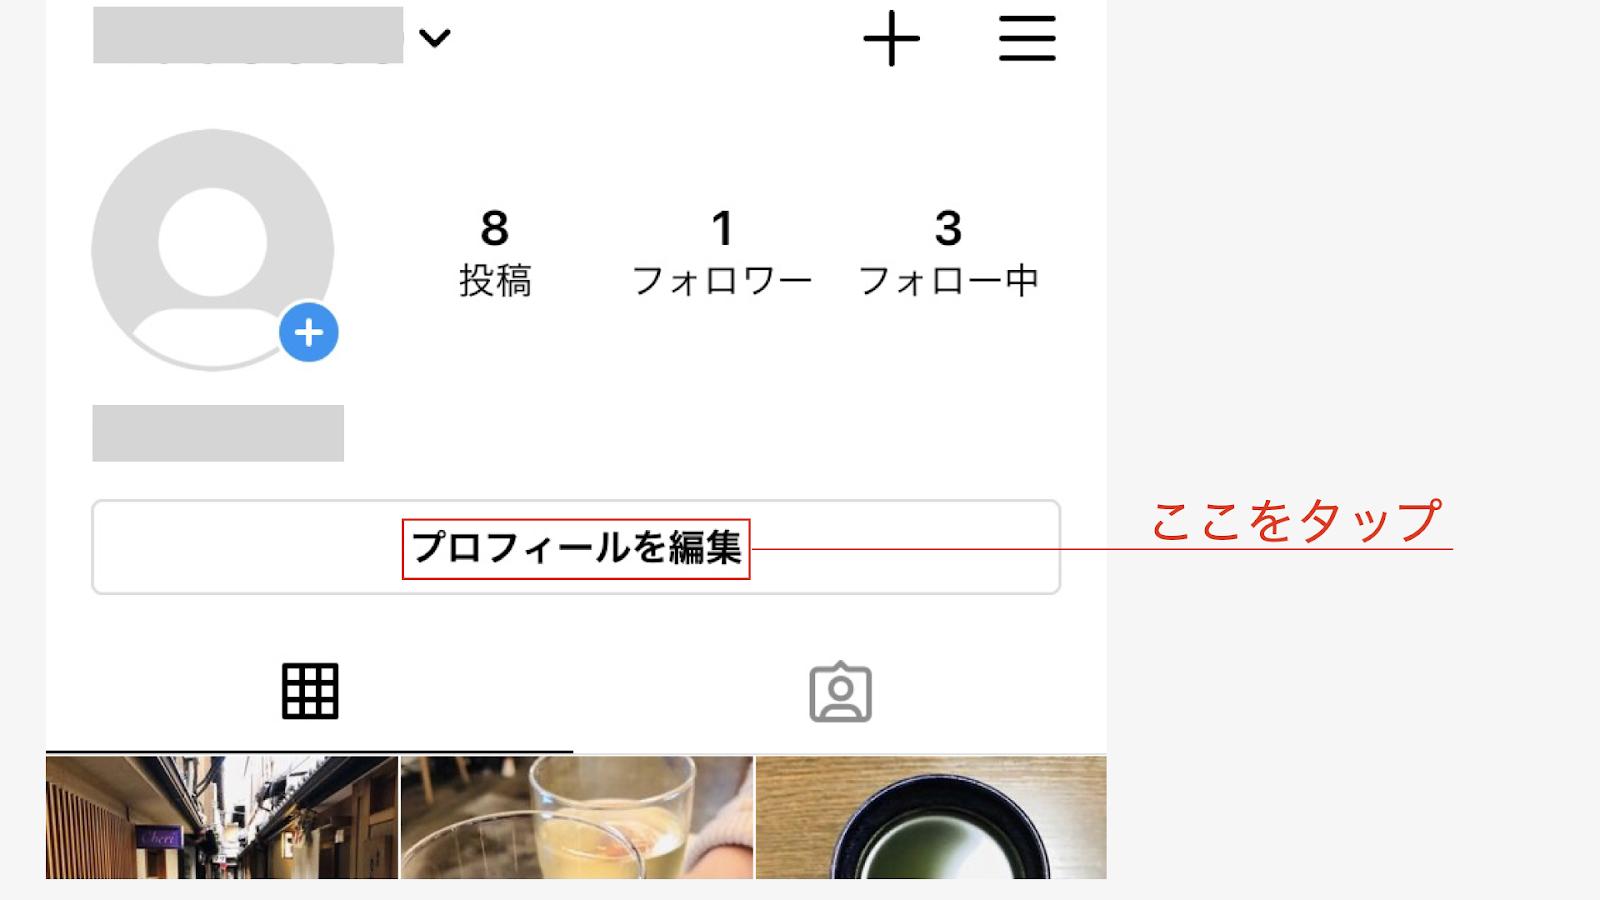 インスタグラム ログイン プロフィール編集 タップ